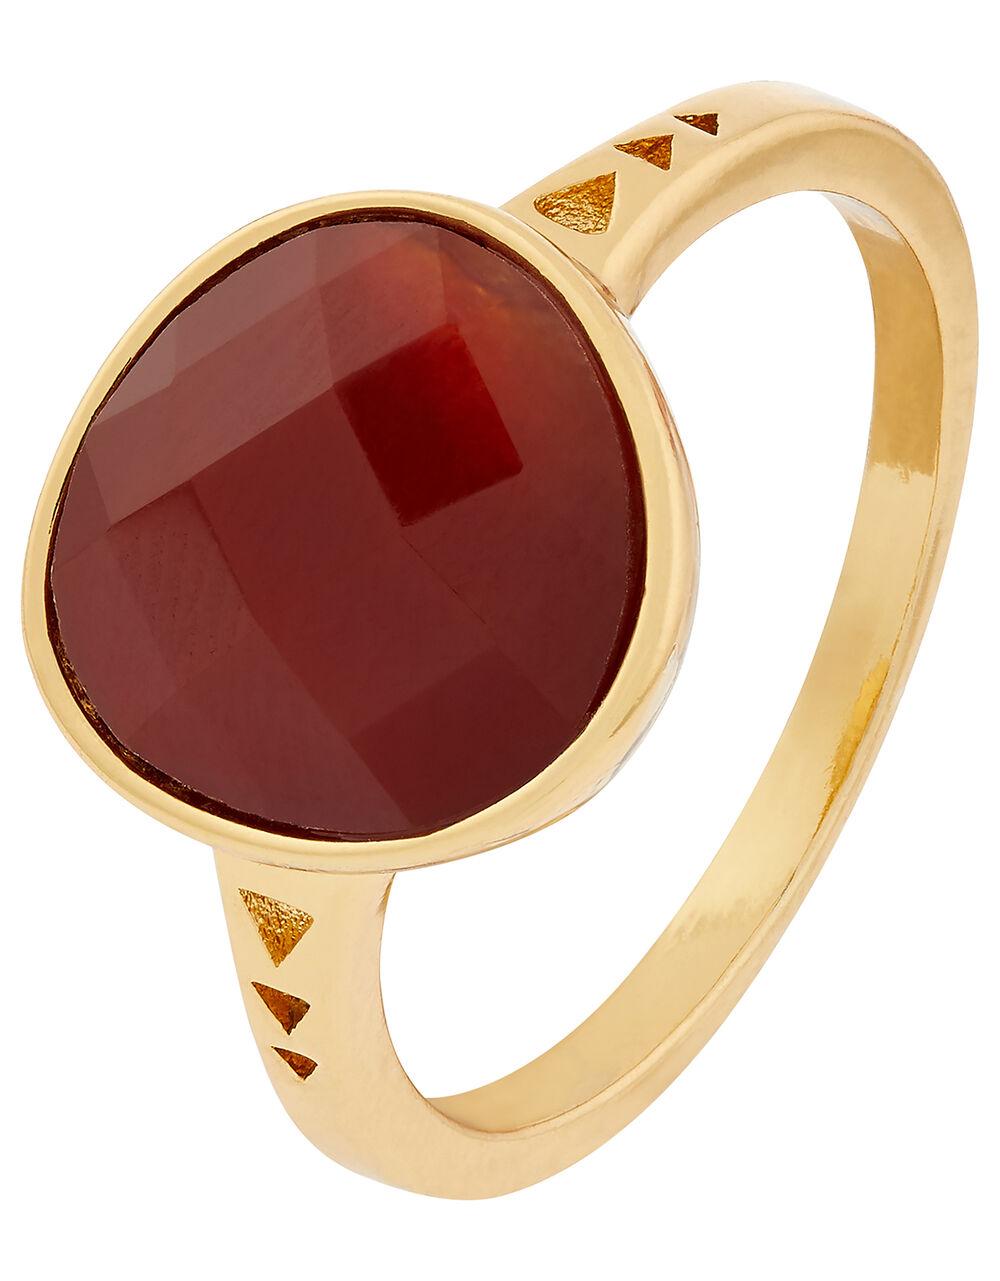 Healing Stones Carnelian Ring, Orange (ORANGE), large